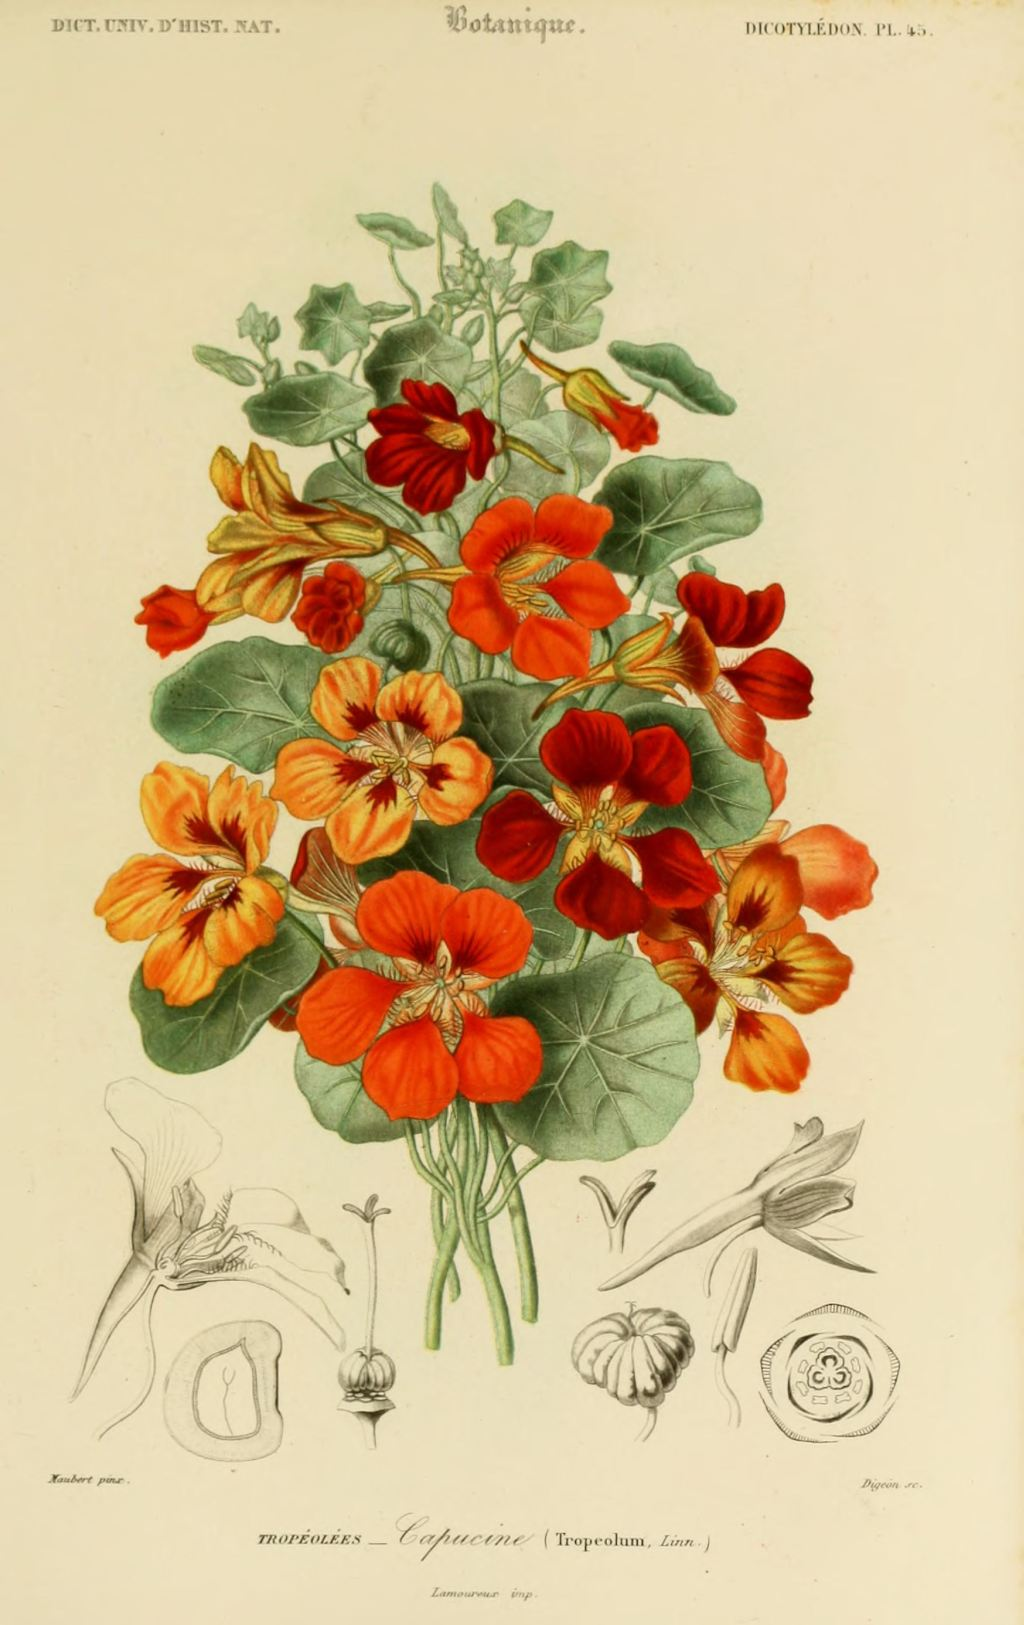 Gravures couleur de fleurs gravure de fleur 0141 capucine tropaeolum gravures - Coloriage fleur capucine ...